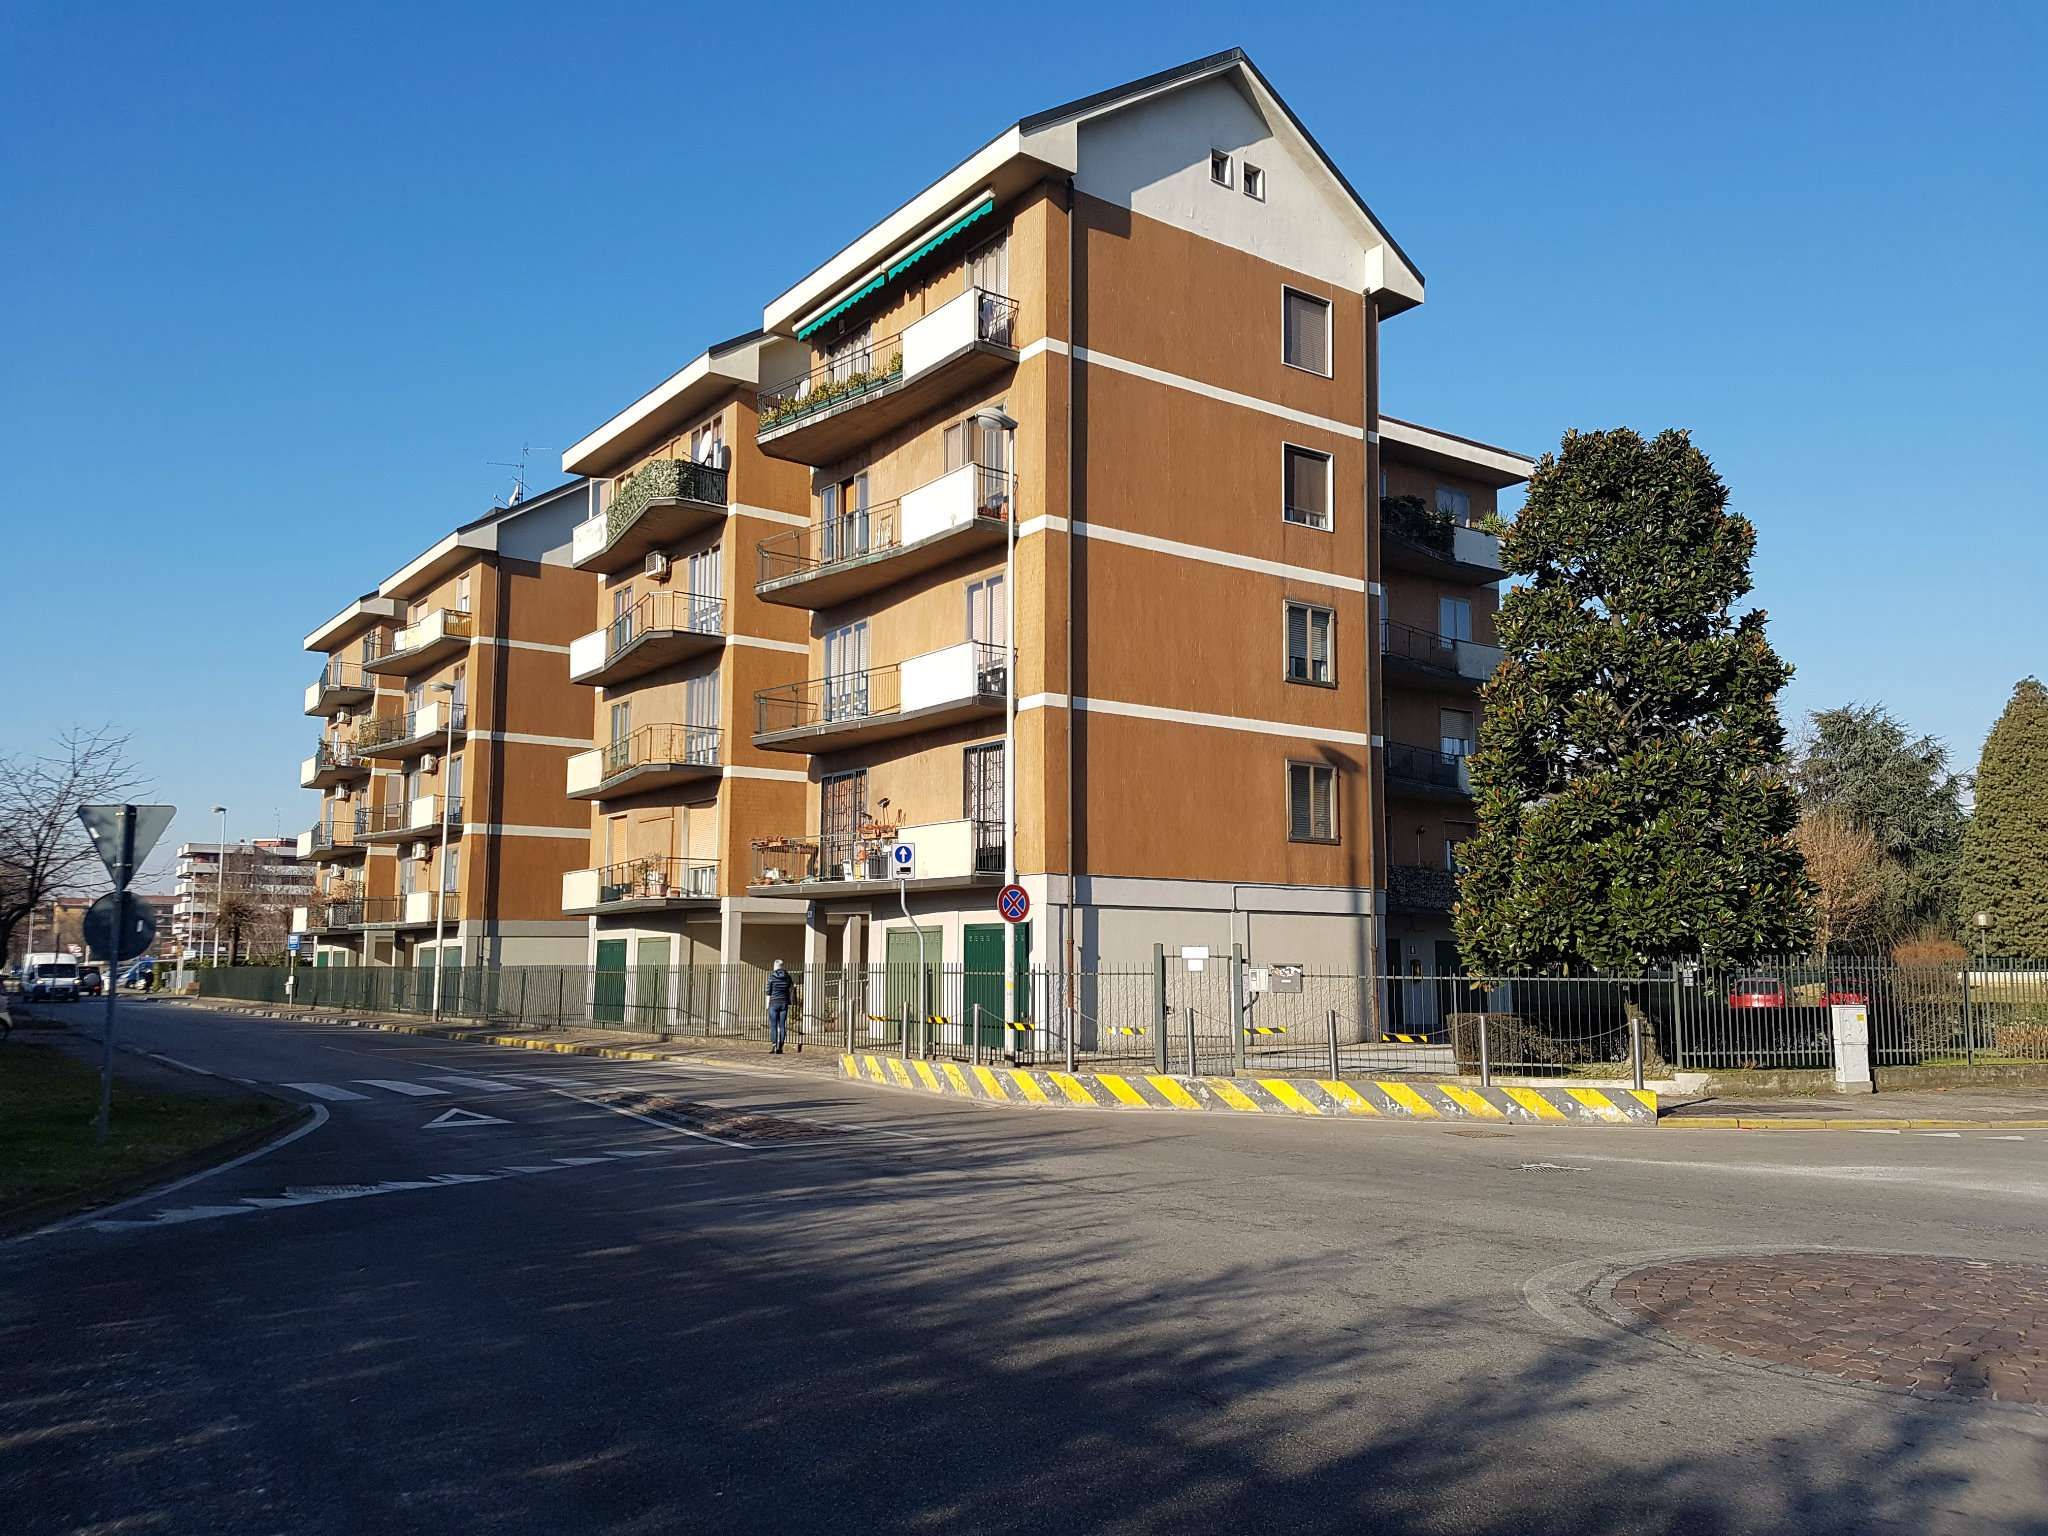 Appartamento in vendita a Peschiera Borromeo, 3 locali, prezzo € 165.000 | Cambio Casa.it